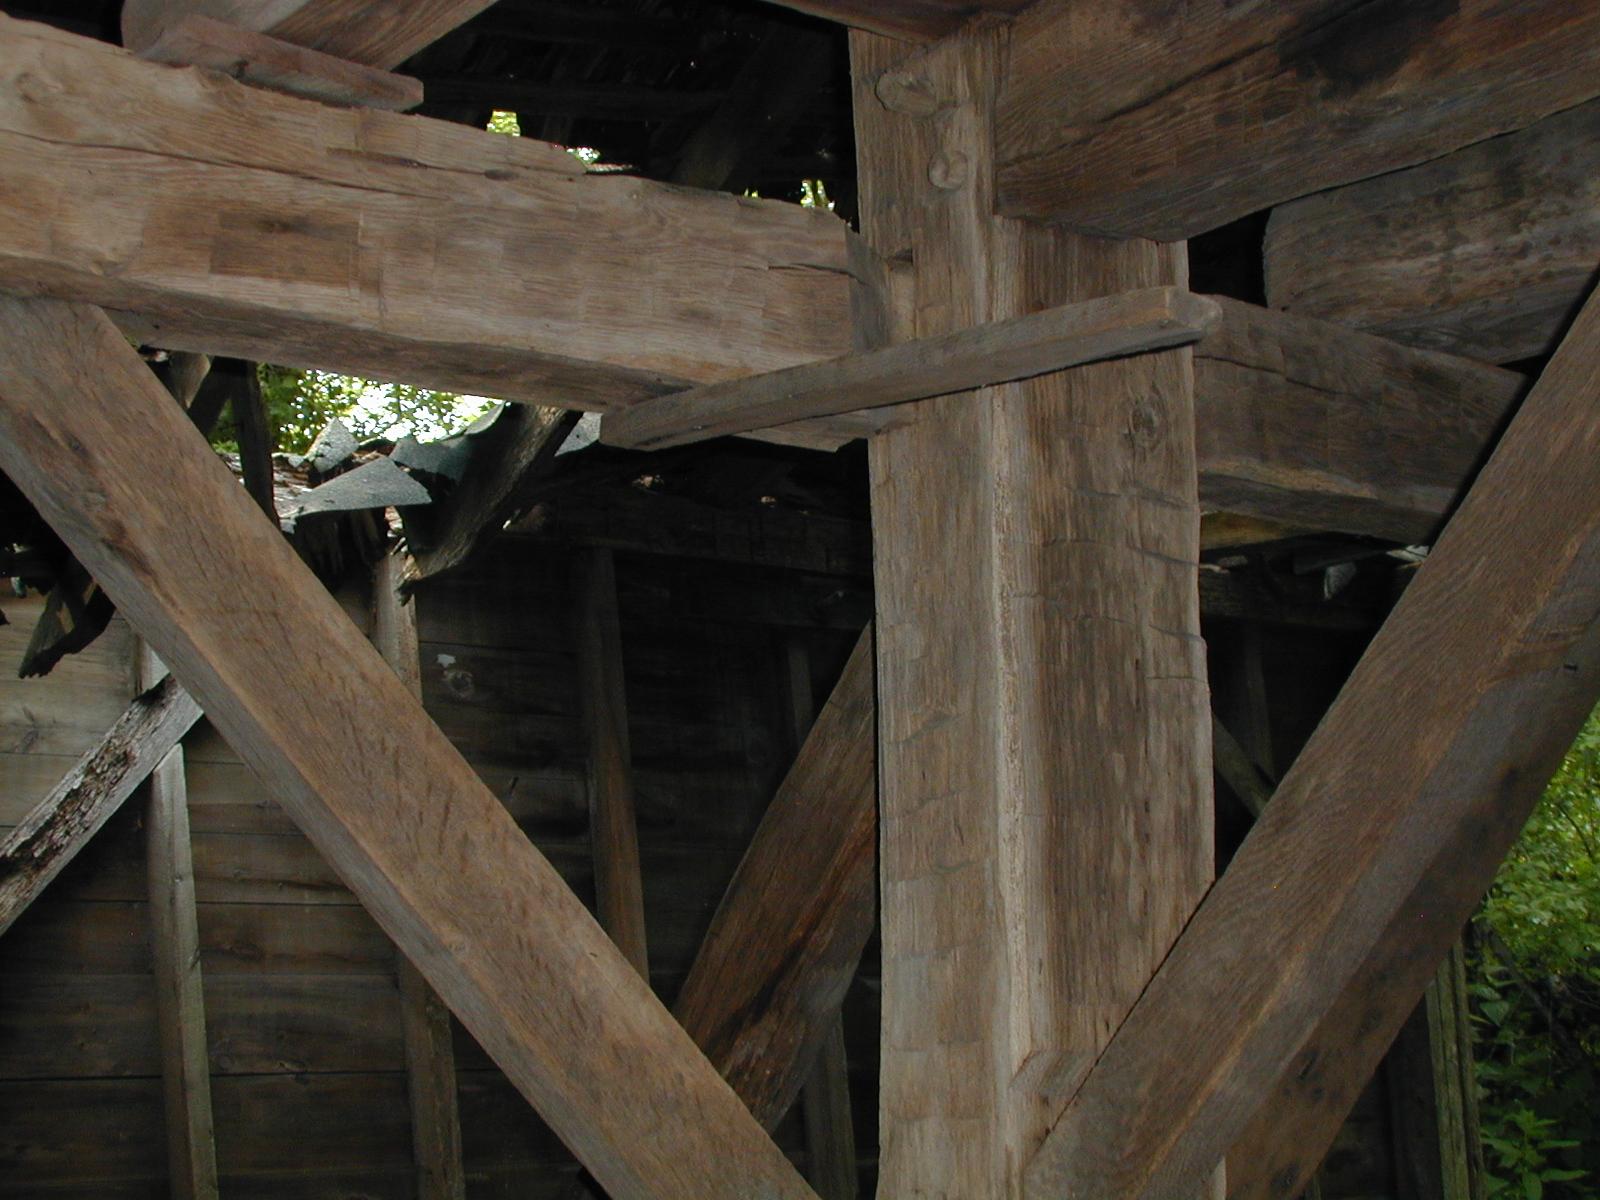 Third unknown house, third barn interior